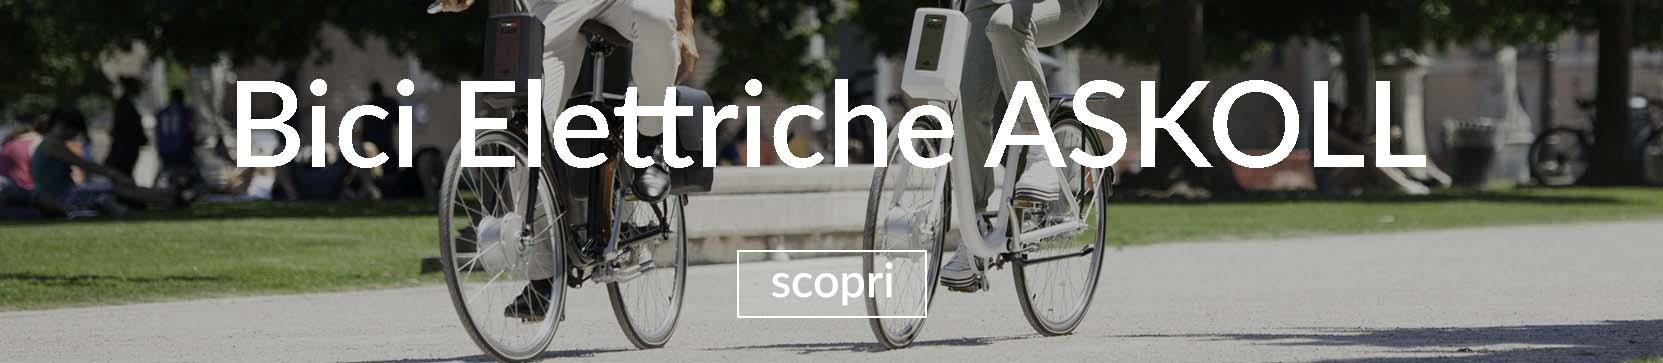 bici-elettrica-askoll-pedalata-assistita